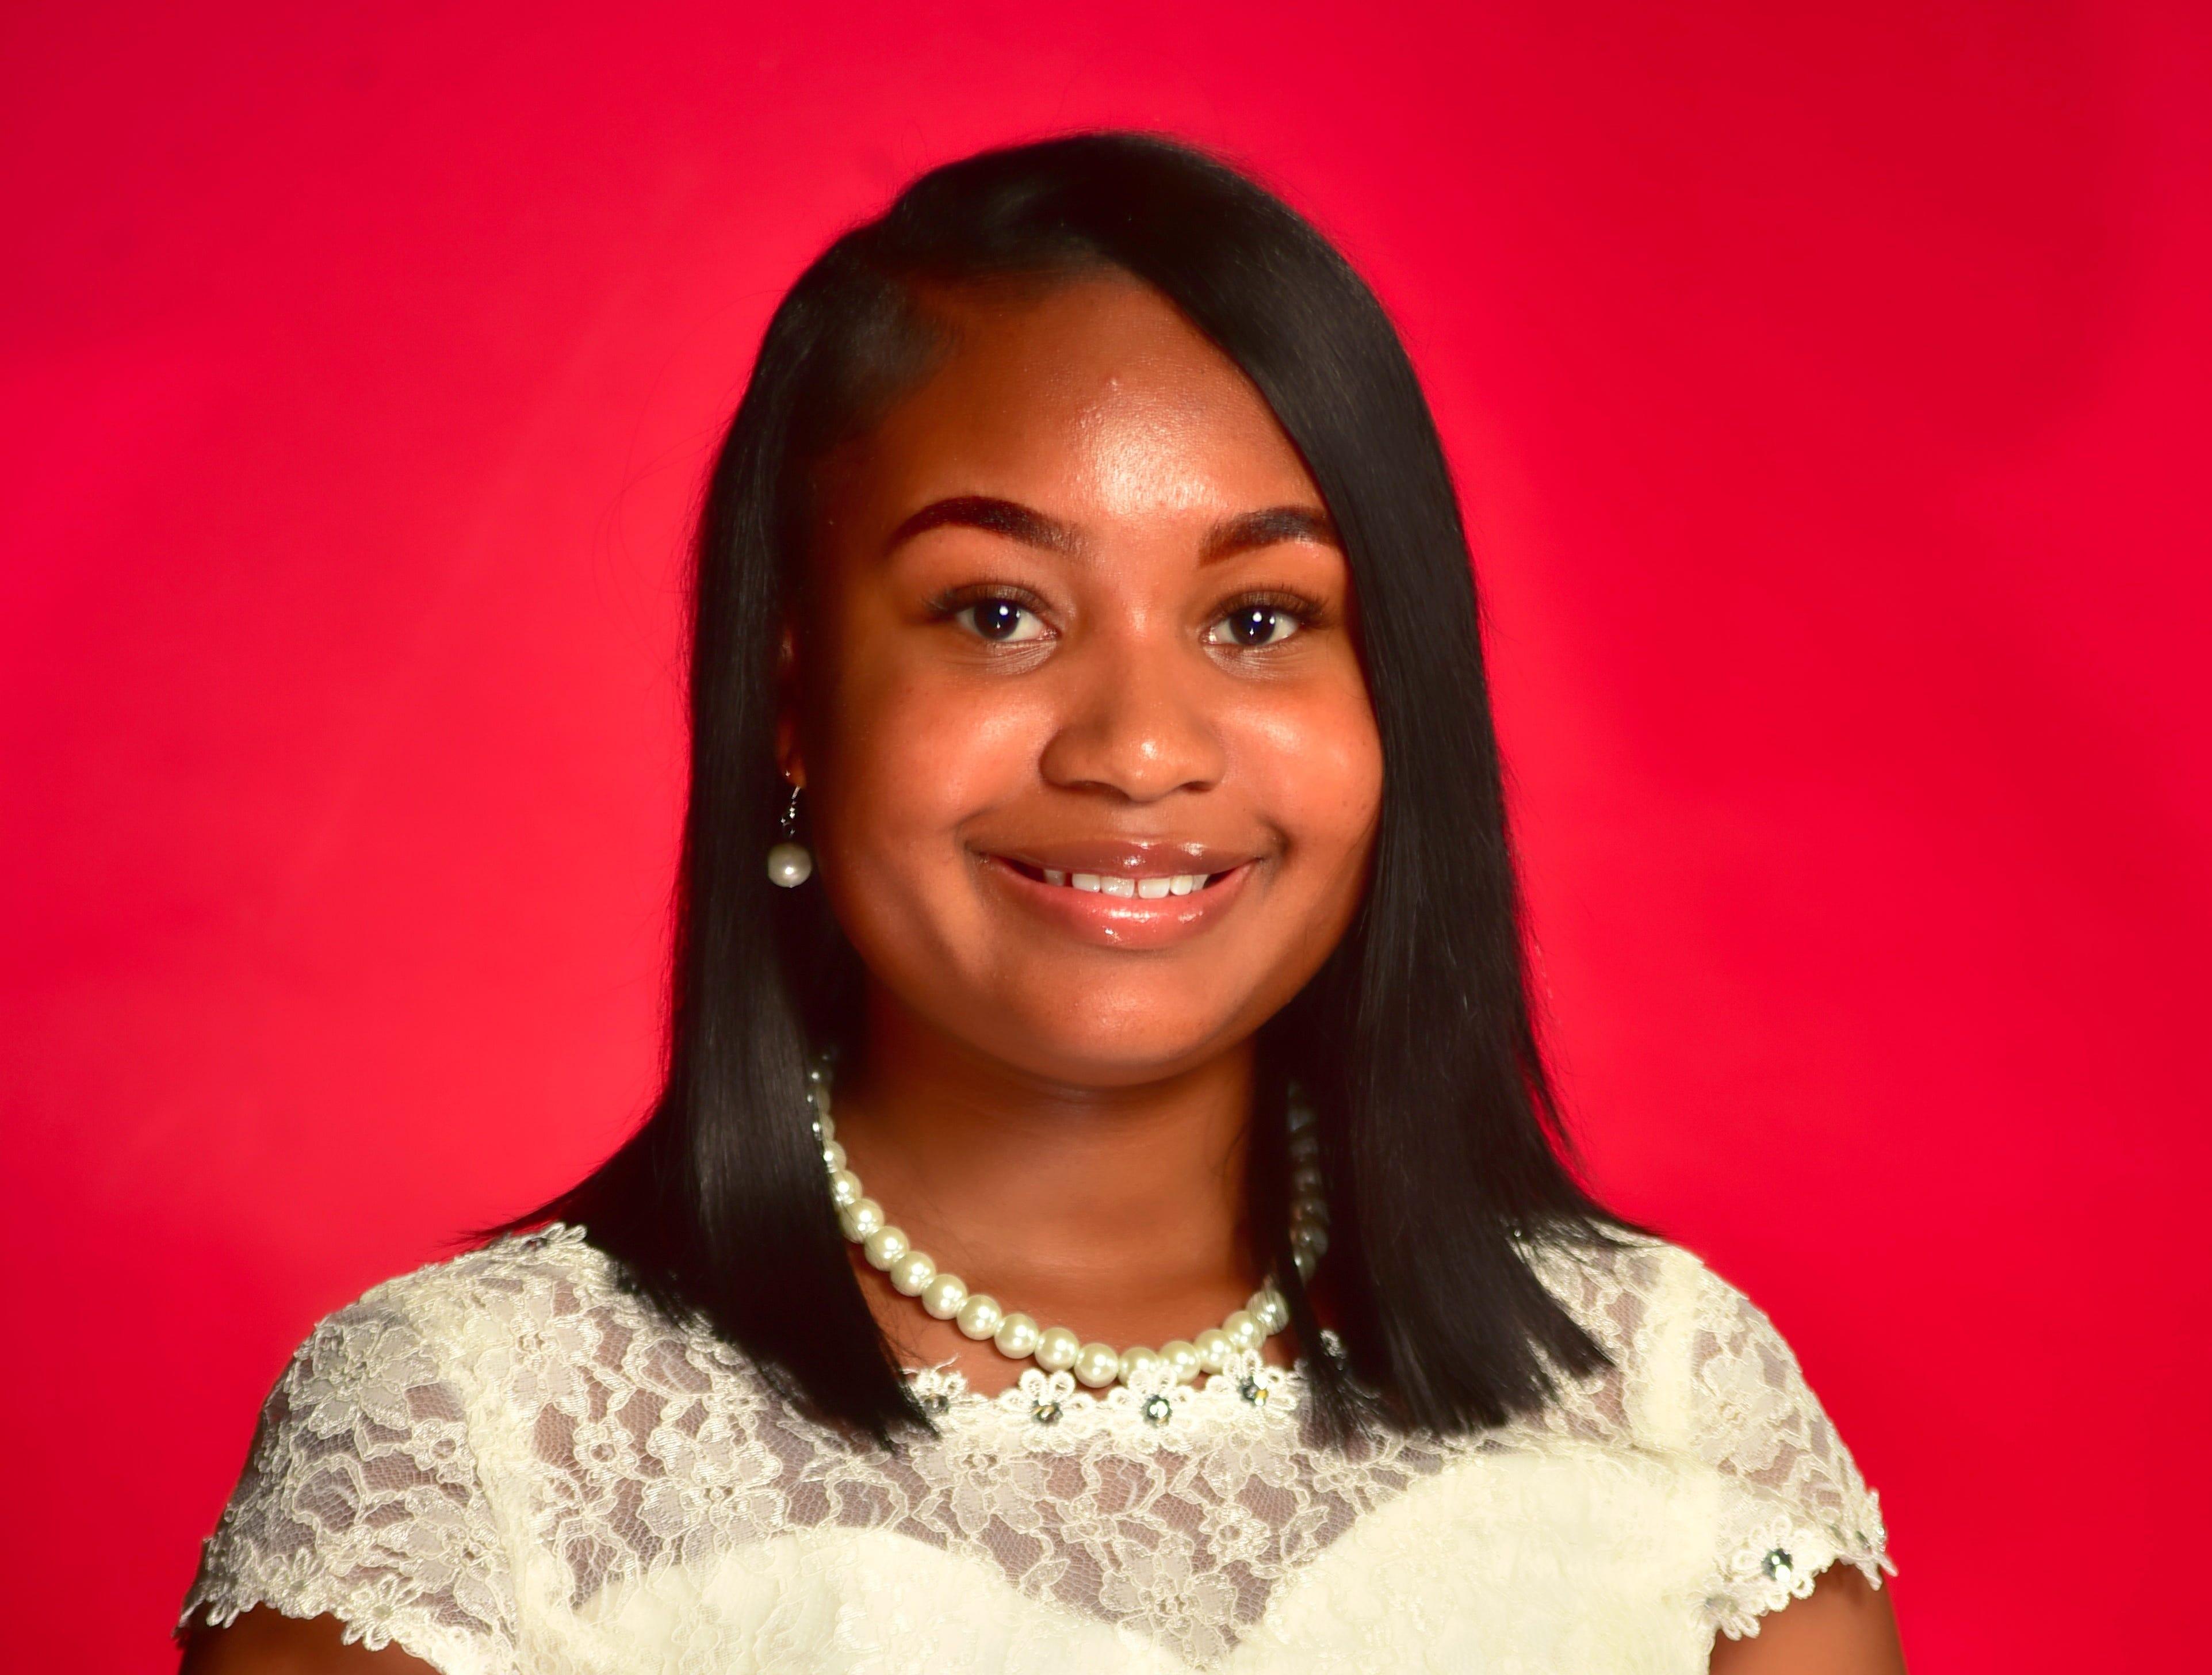 Haley Wesley